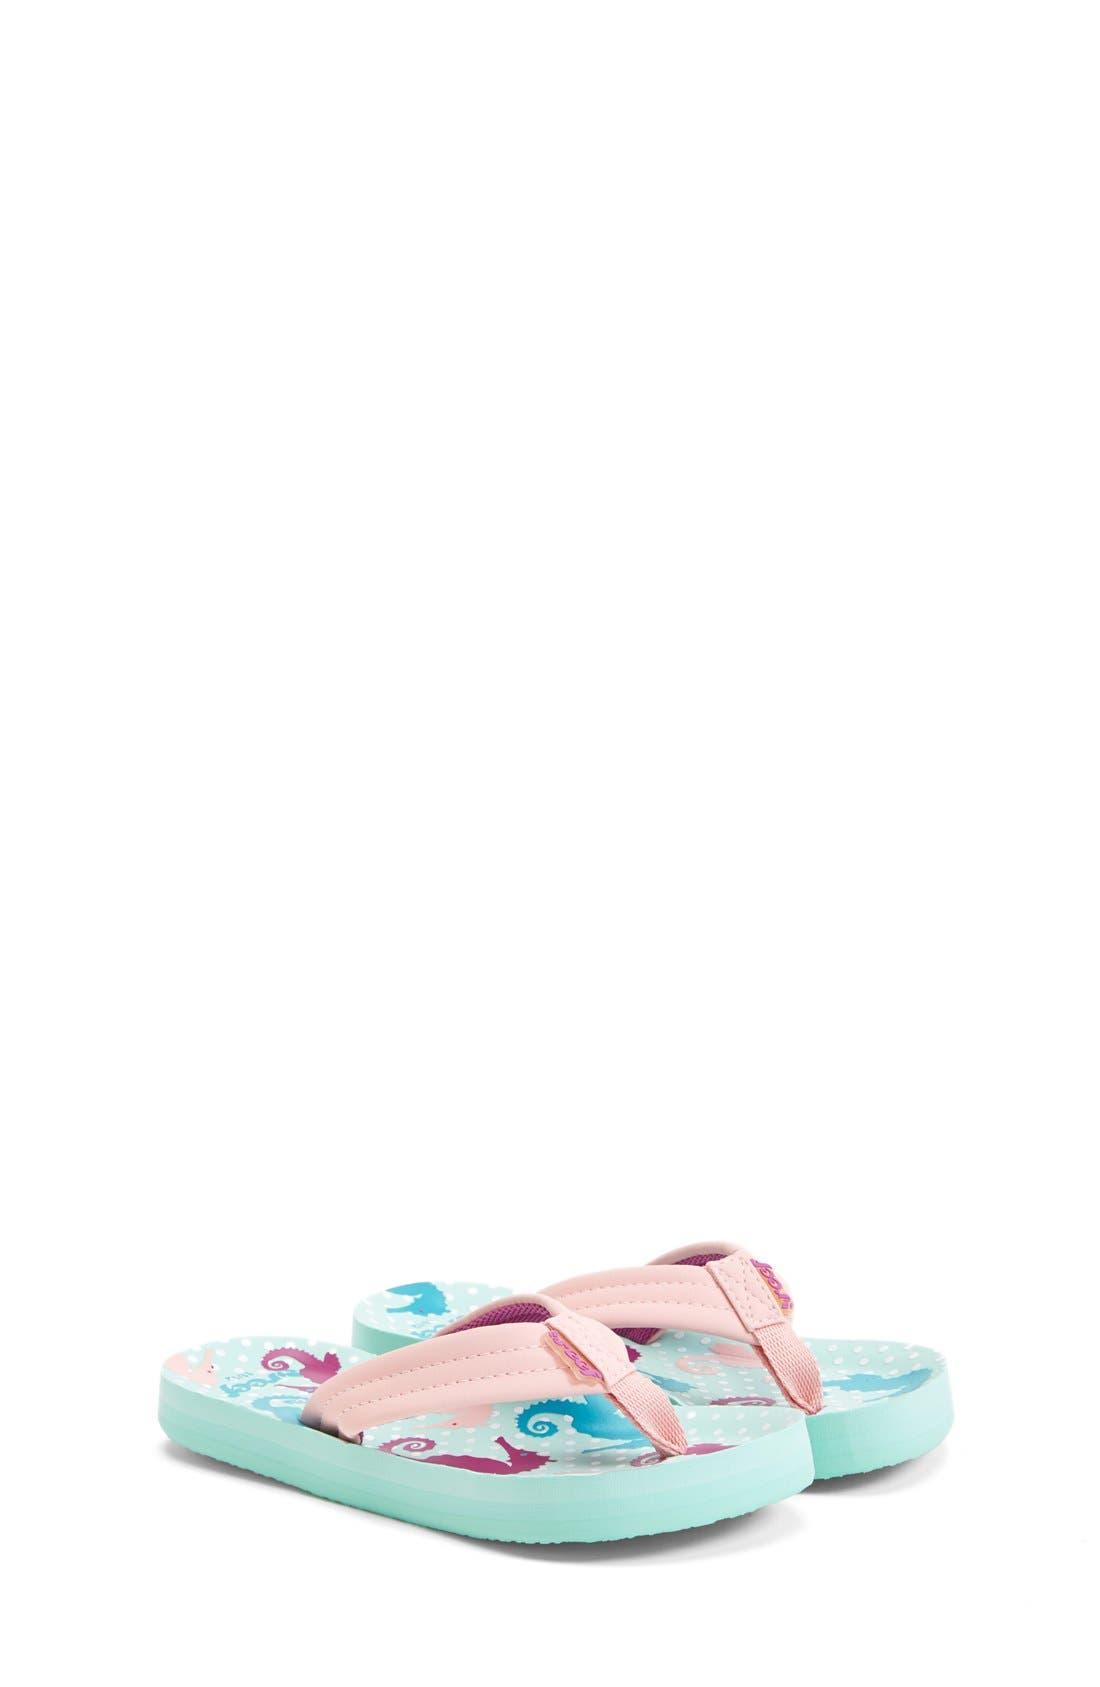 'Little Ahi' Thong Sandal,                             Main thumbnail 7, color,